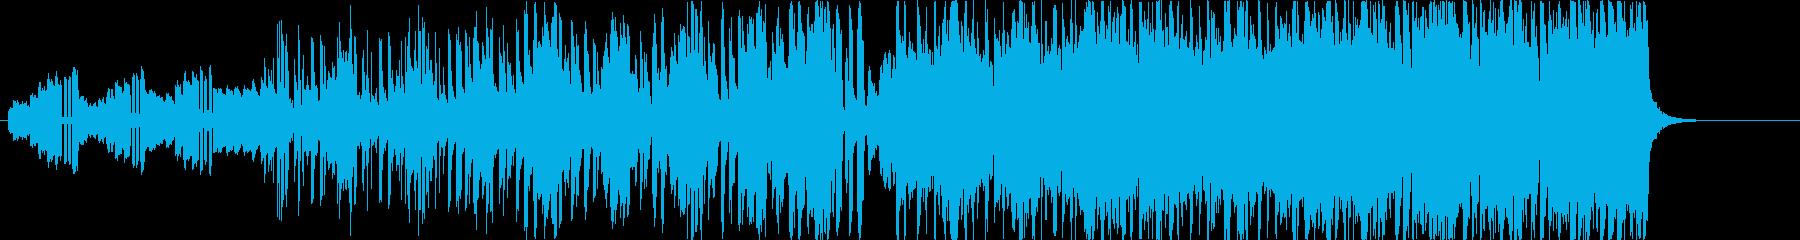 高級感と緊張感のあるBGMの再生済みの波形